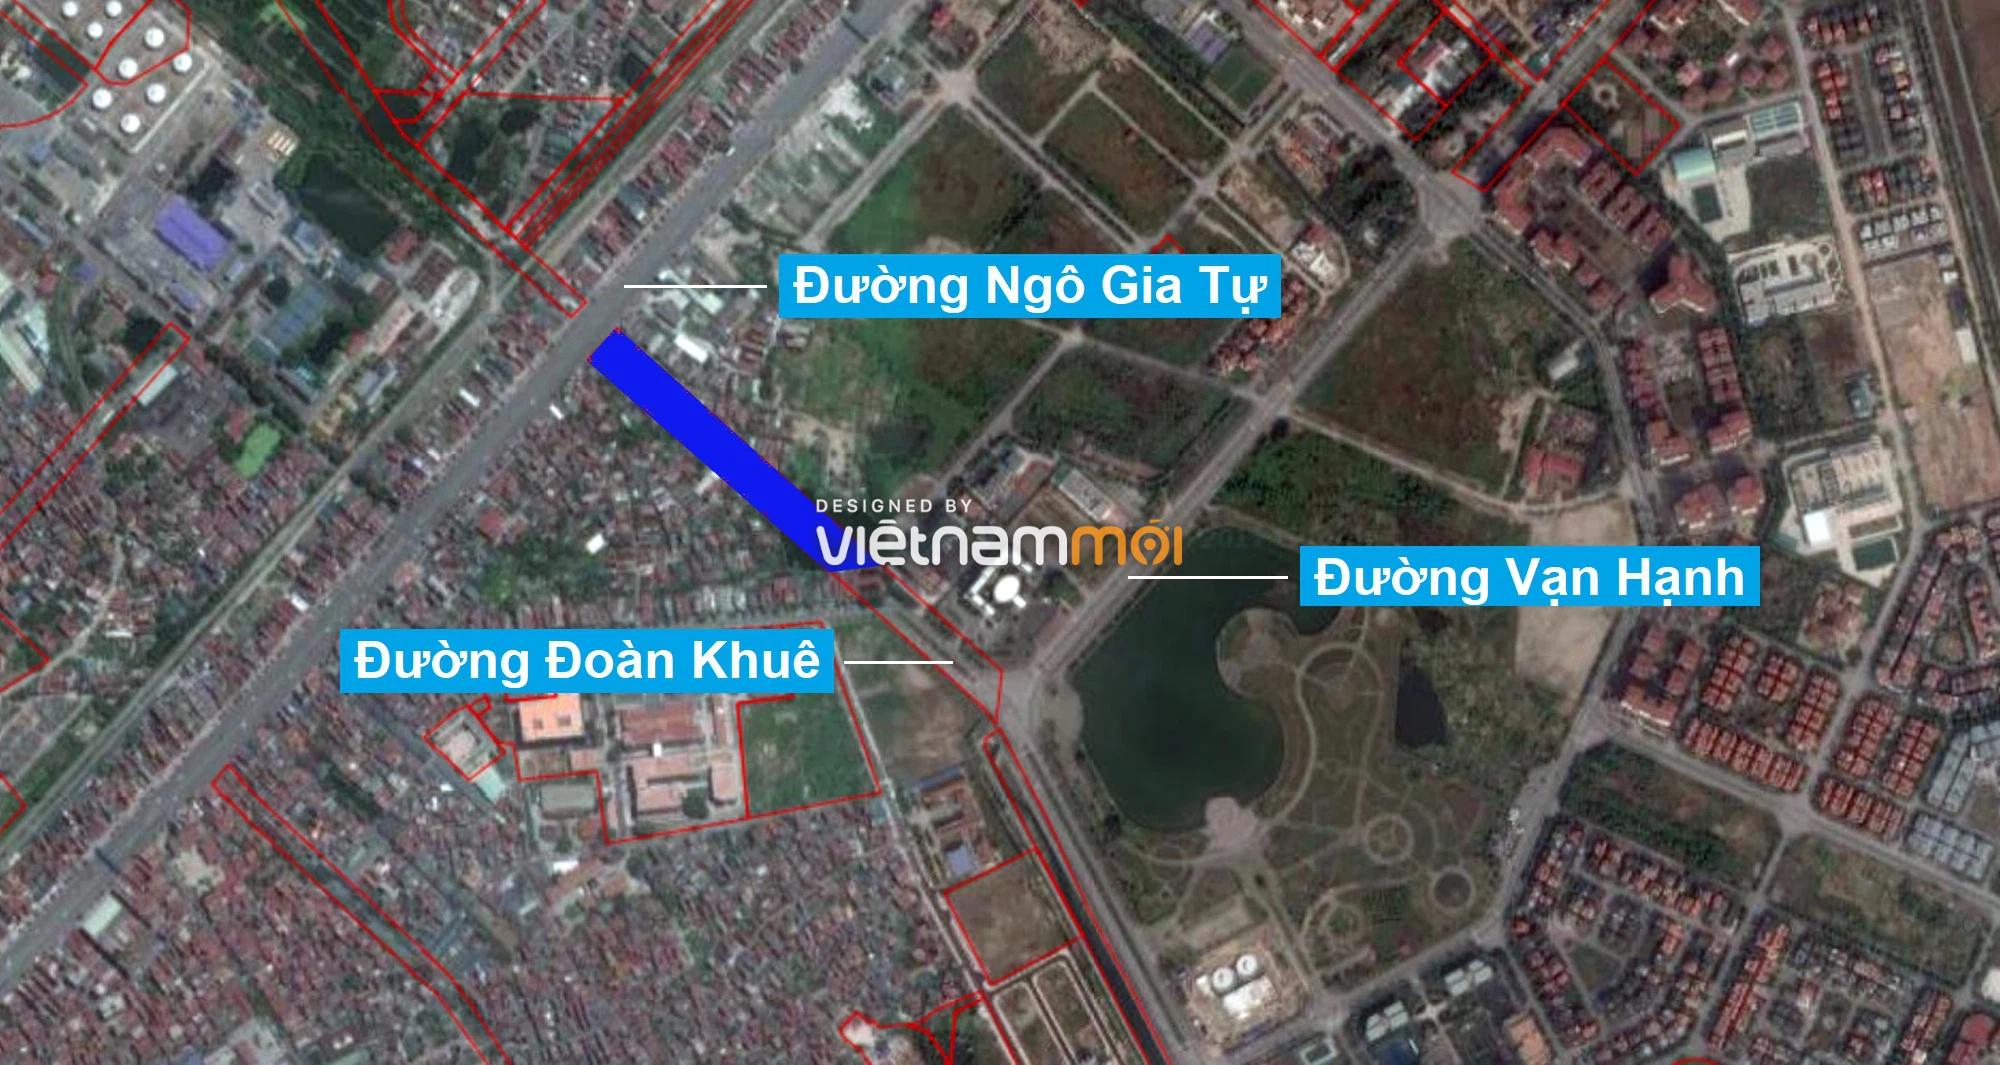 Những khu đất sắp thu hồi để mở đường ở phường Đức Giang, Long Biên, Hà Nội (phần 3) - Ảnh 2.